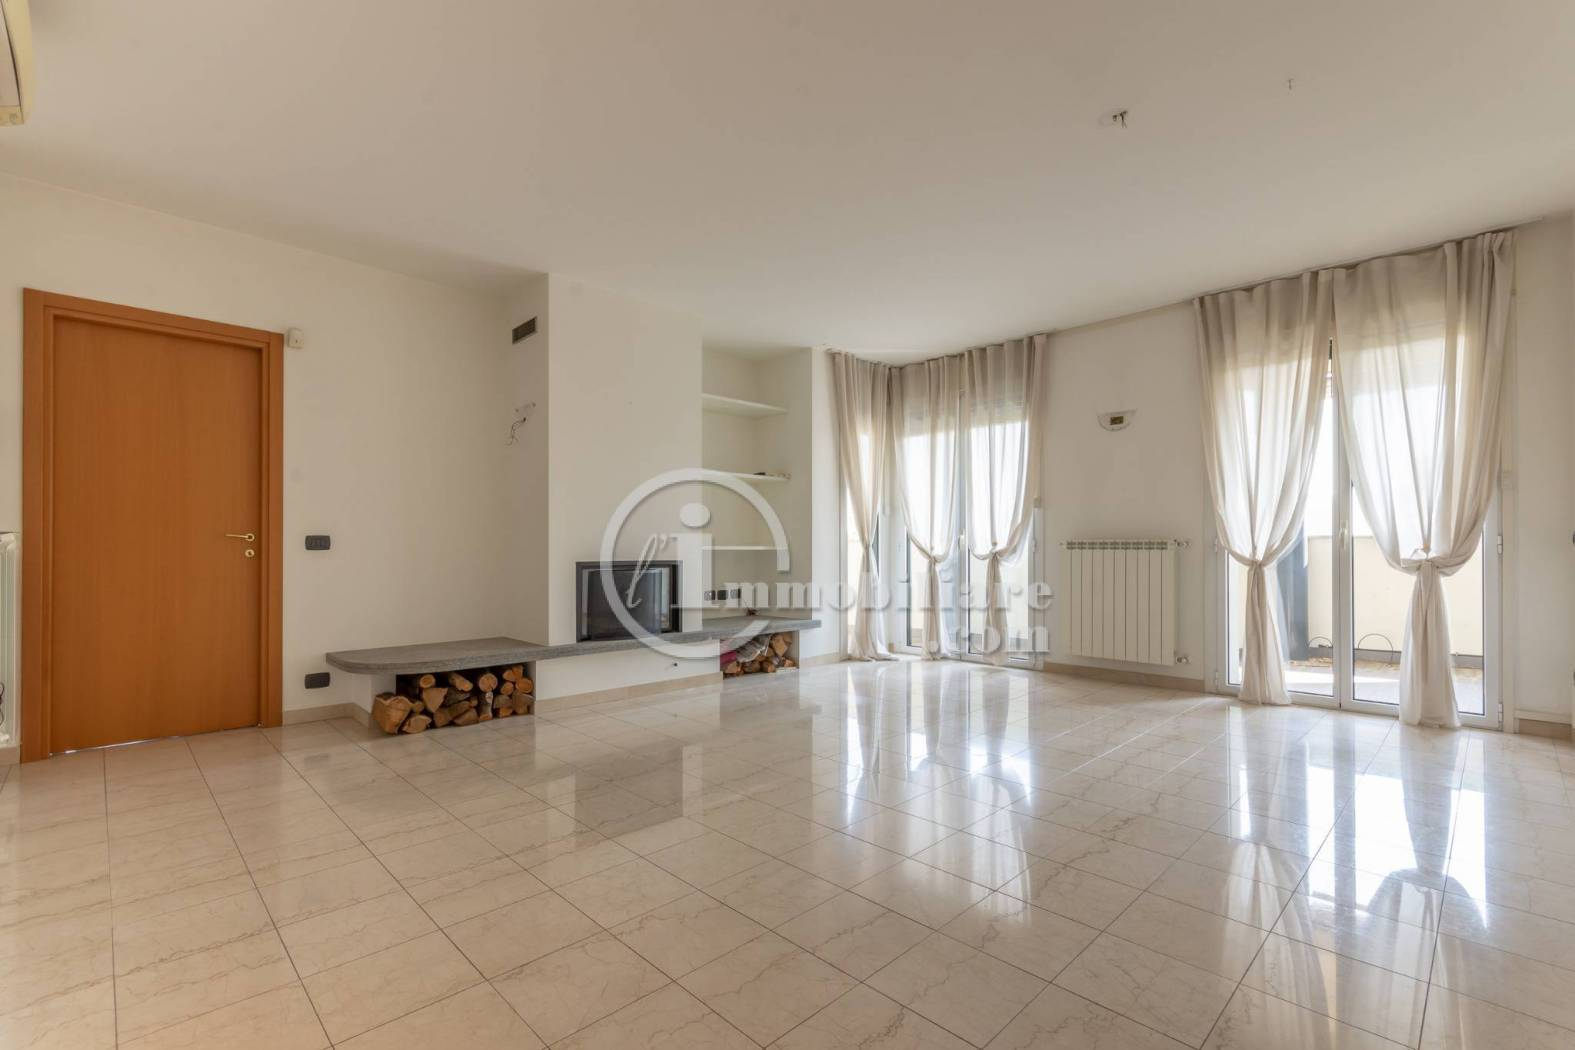 Appartamento in Vendita a Milano 07 Darsena /  Ticinese:  3 locali, 140 mq  - Foto 1